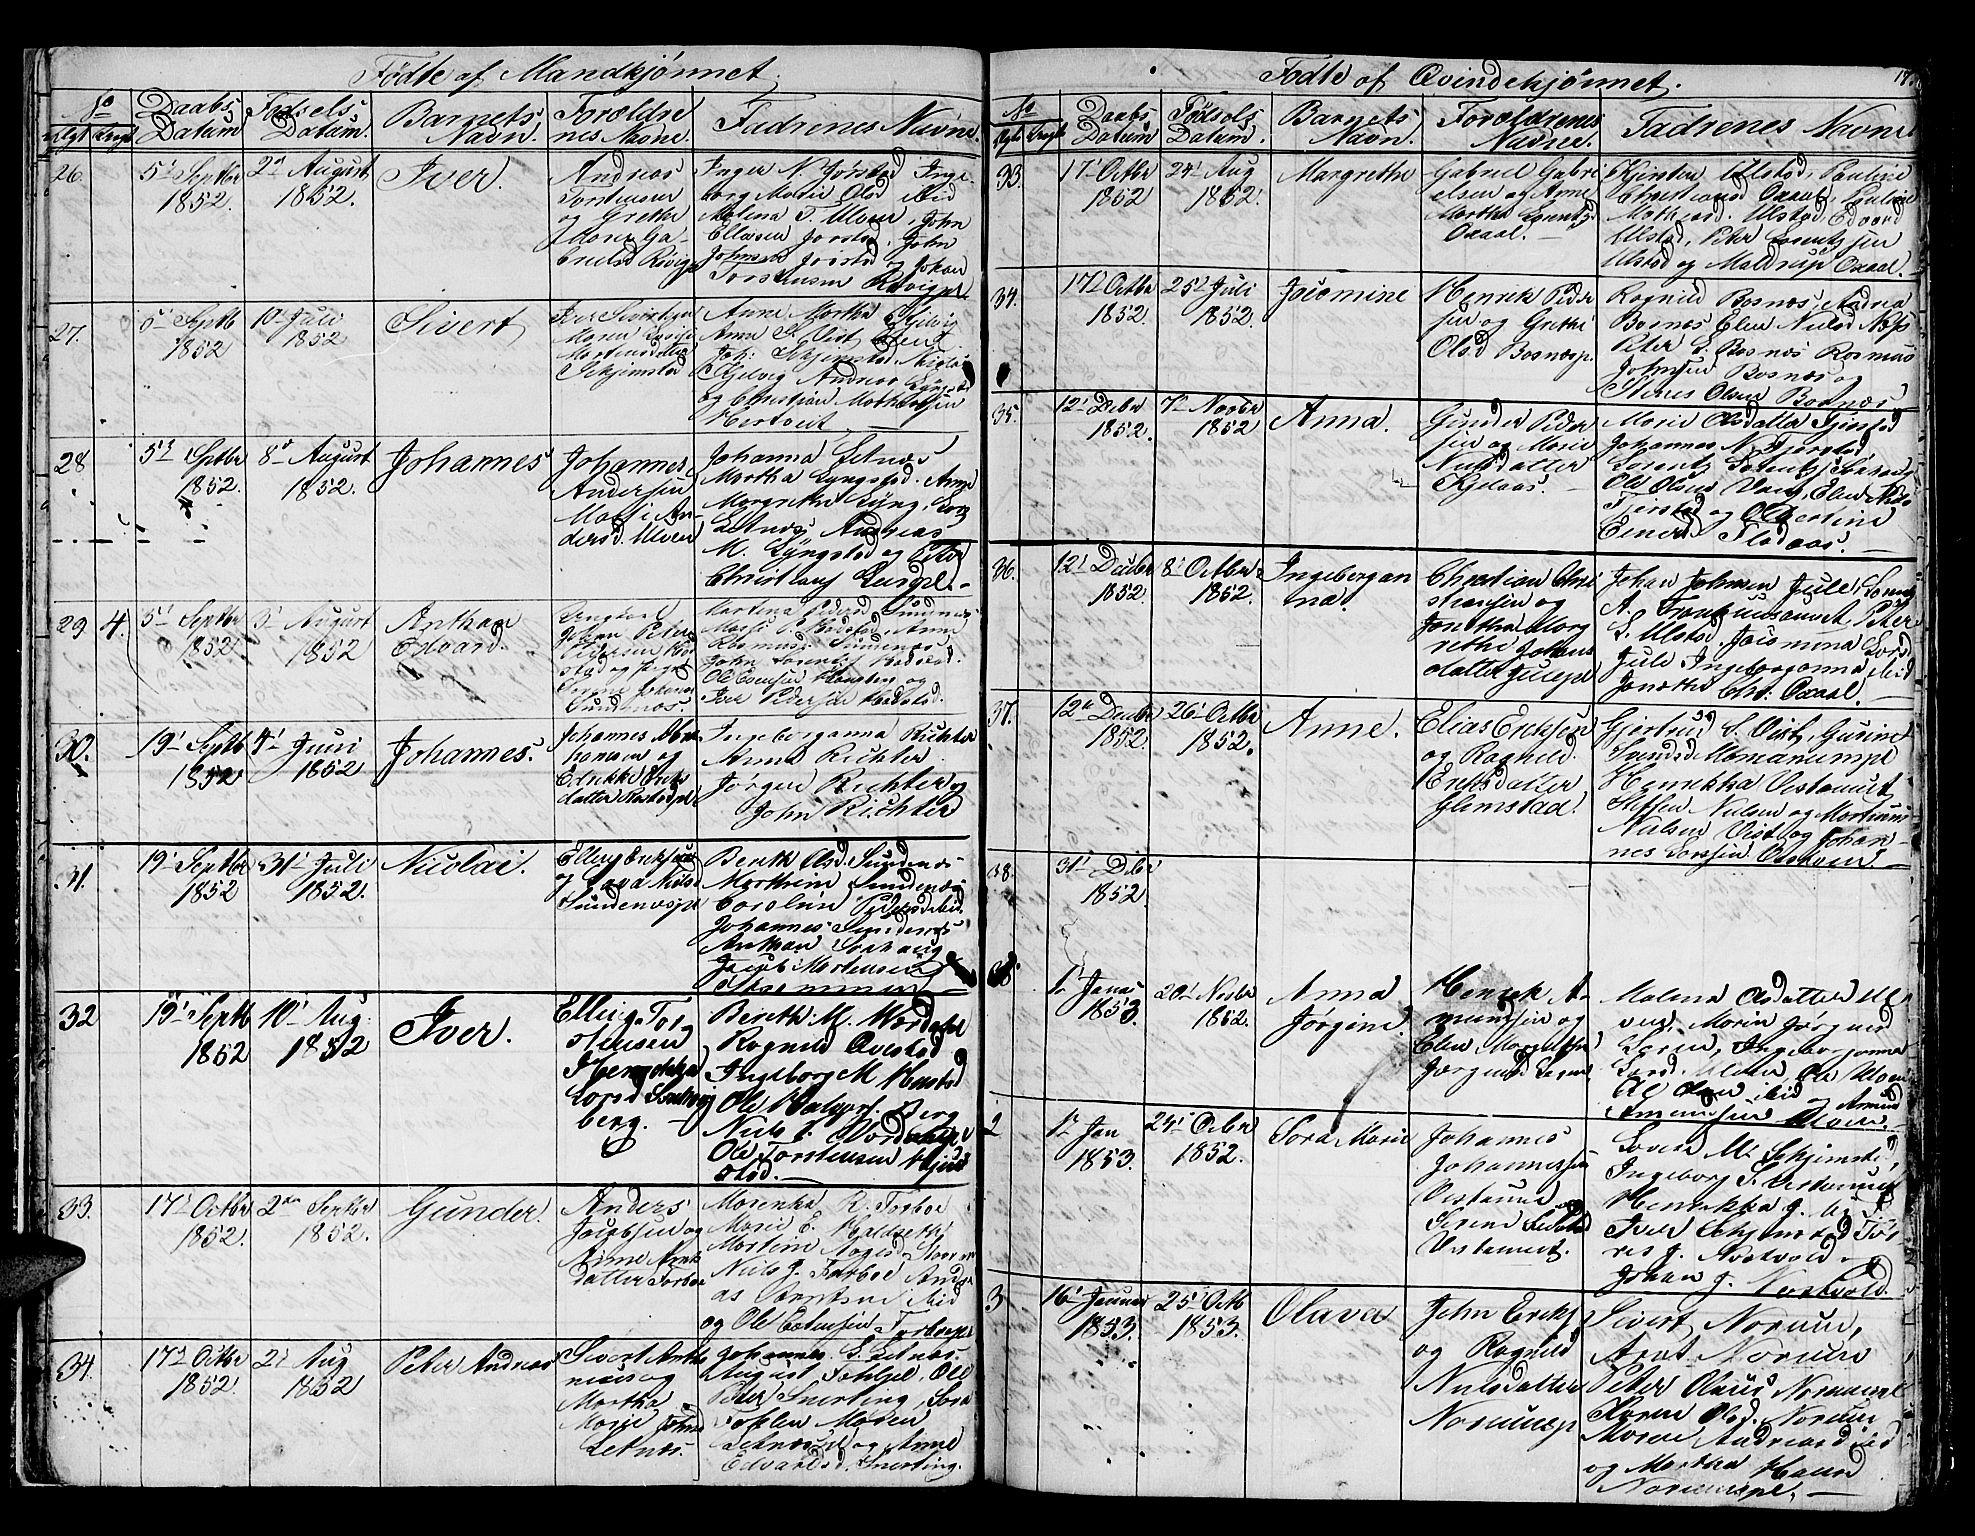 SAT, Ministerialprotokoller, klokkerbøker og fødselsregistre - Nord-Trøndelag, 730/L0299: Klokkerbok nr. 730C02, 1849-1871, s. 17